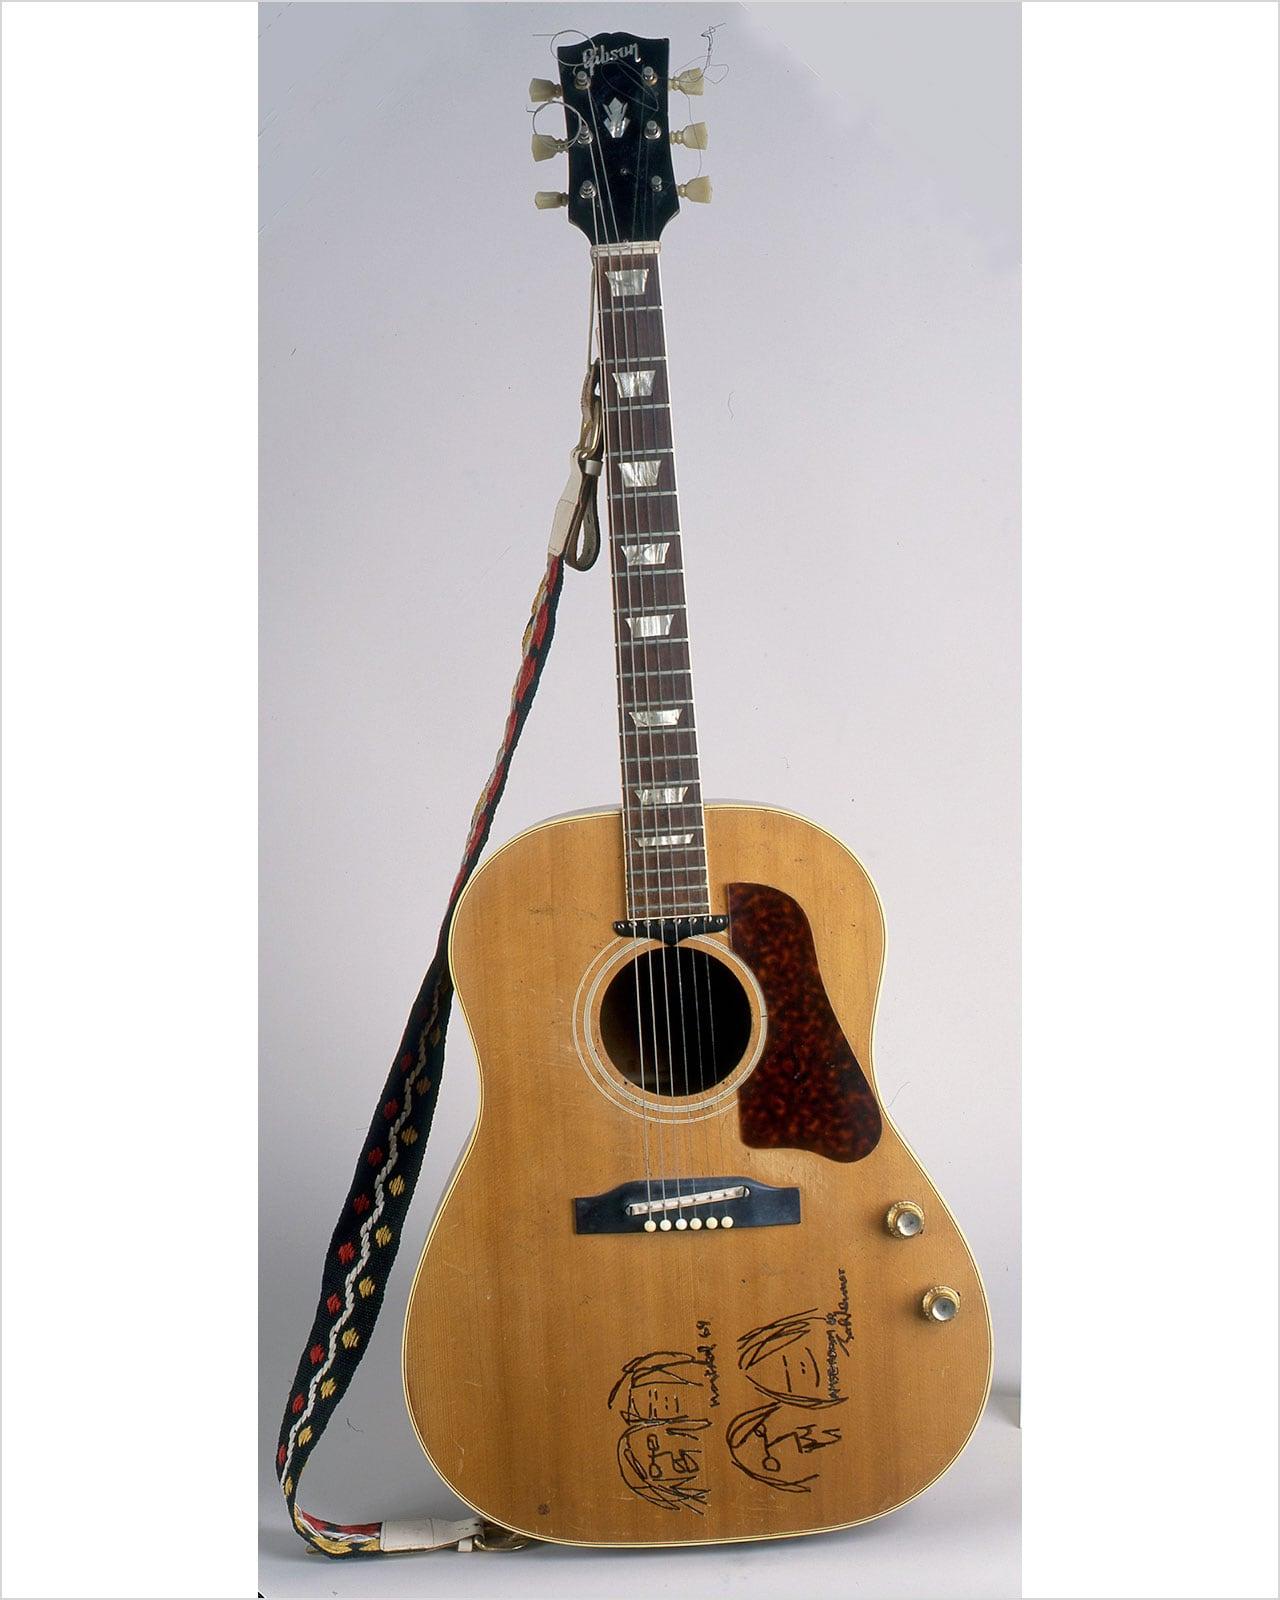 ベッド・インの際に使用したジョンのギター